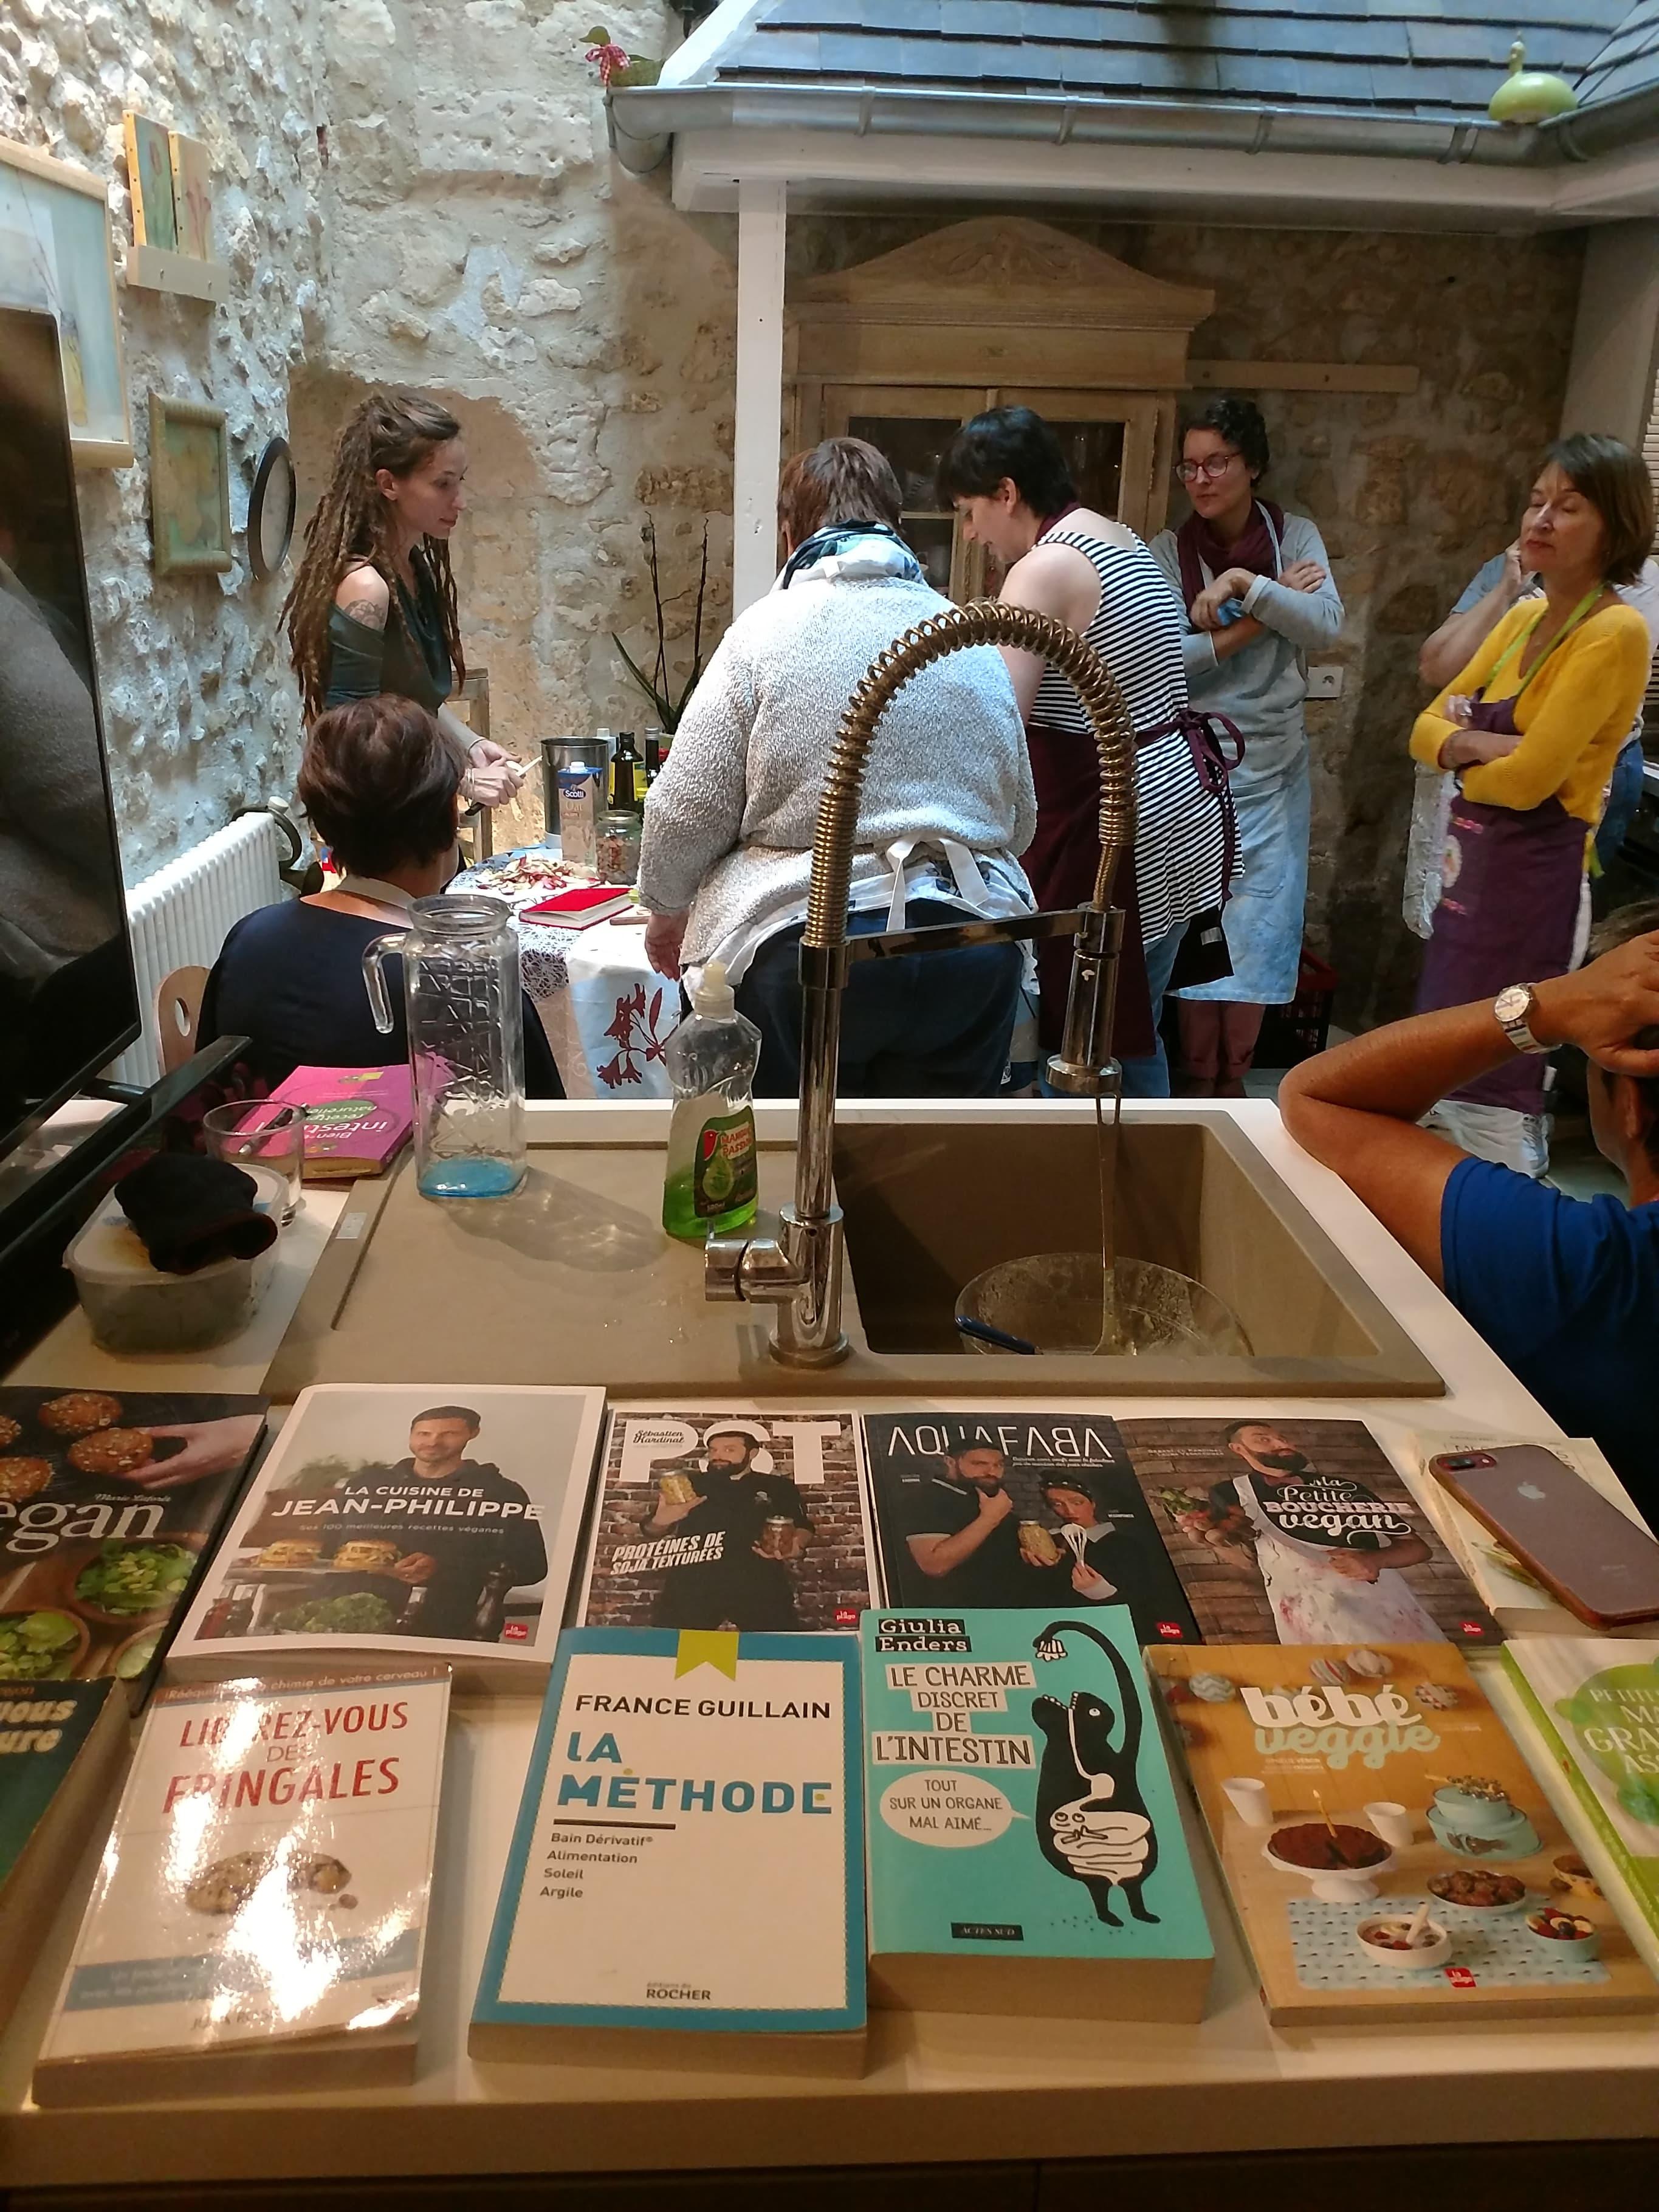 Livres cuisine végétale et naturopathie Compiègne Oise